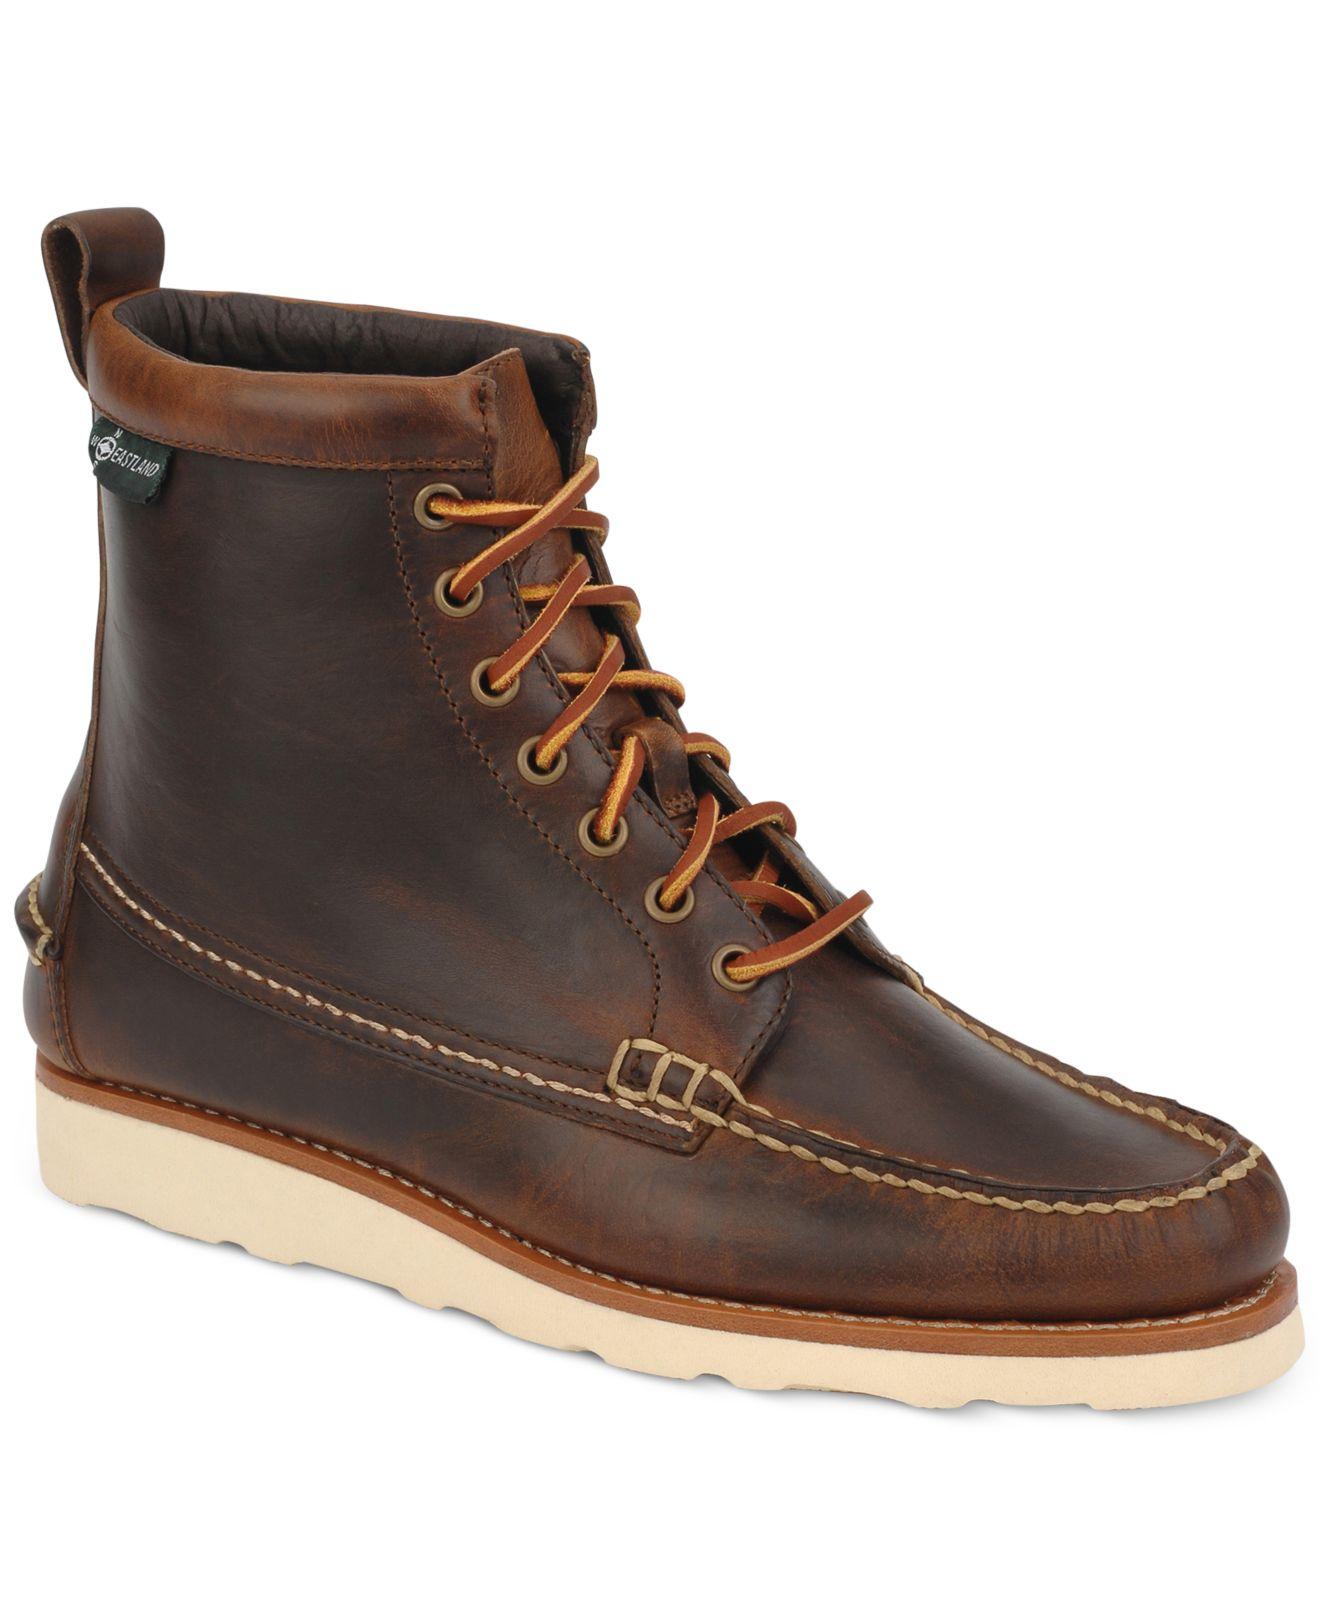 macys mens boots on sale 28 images macy s sale bogo